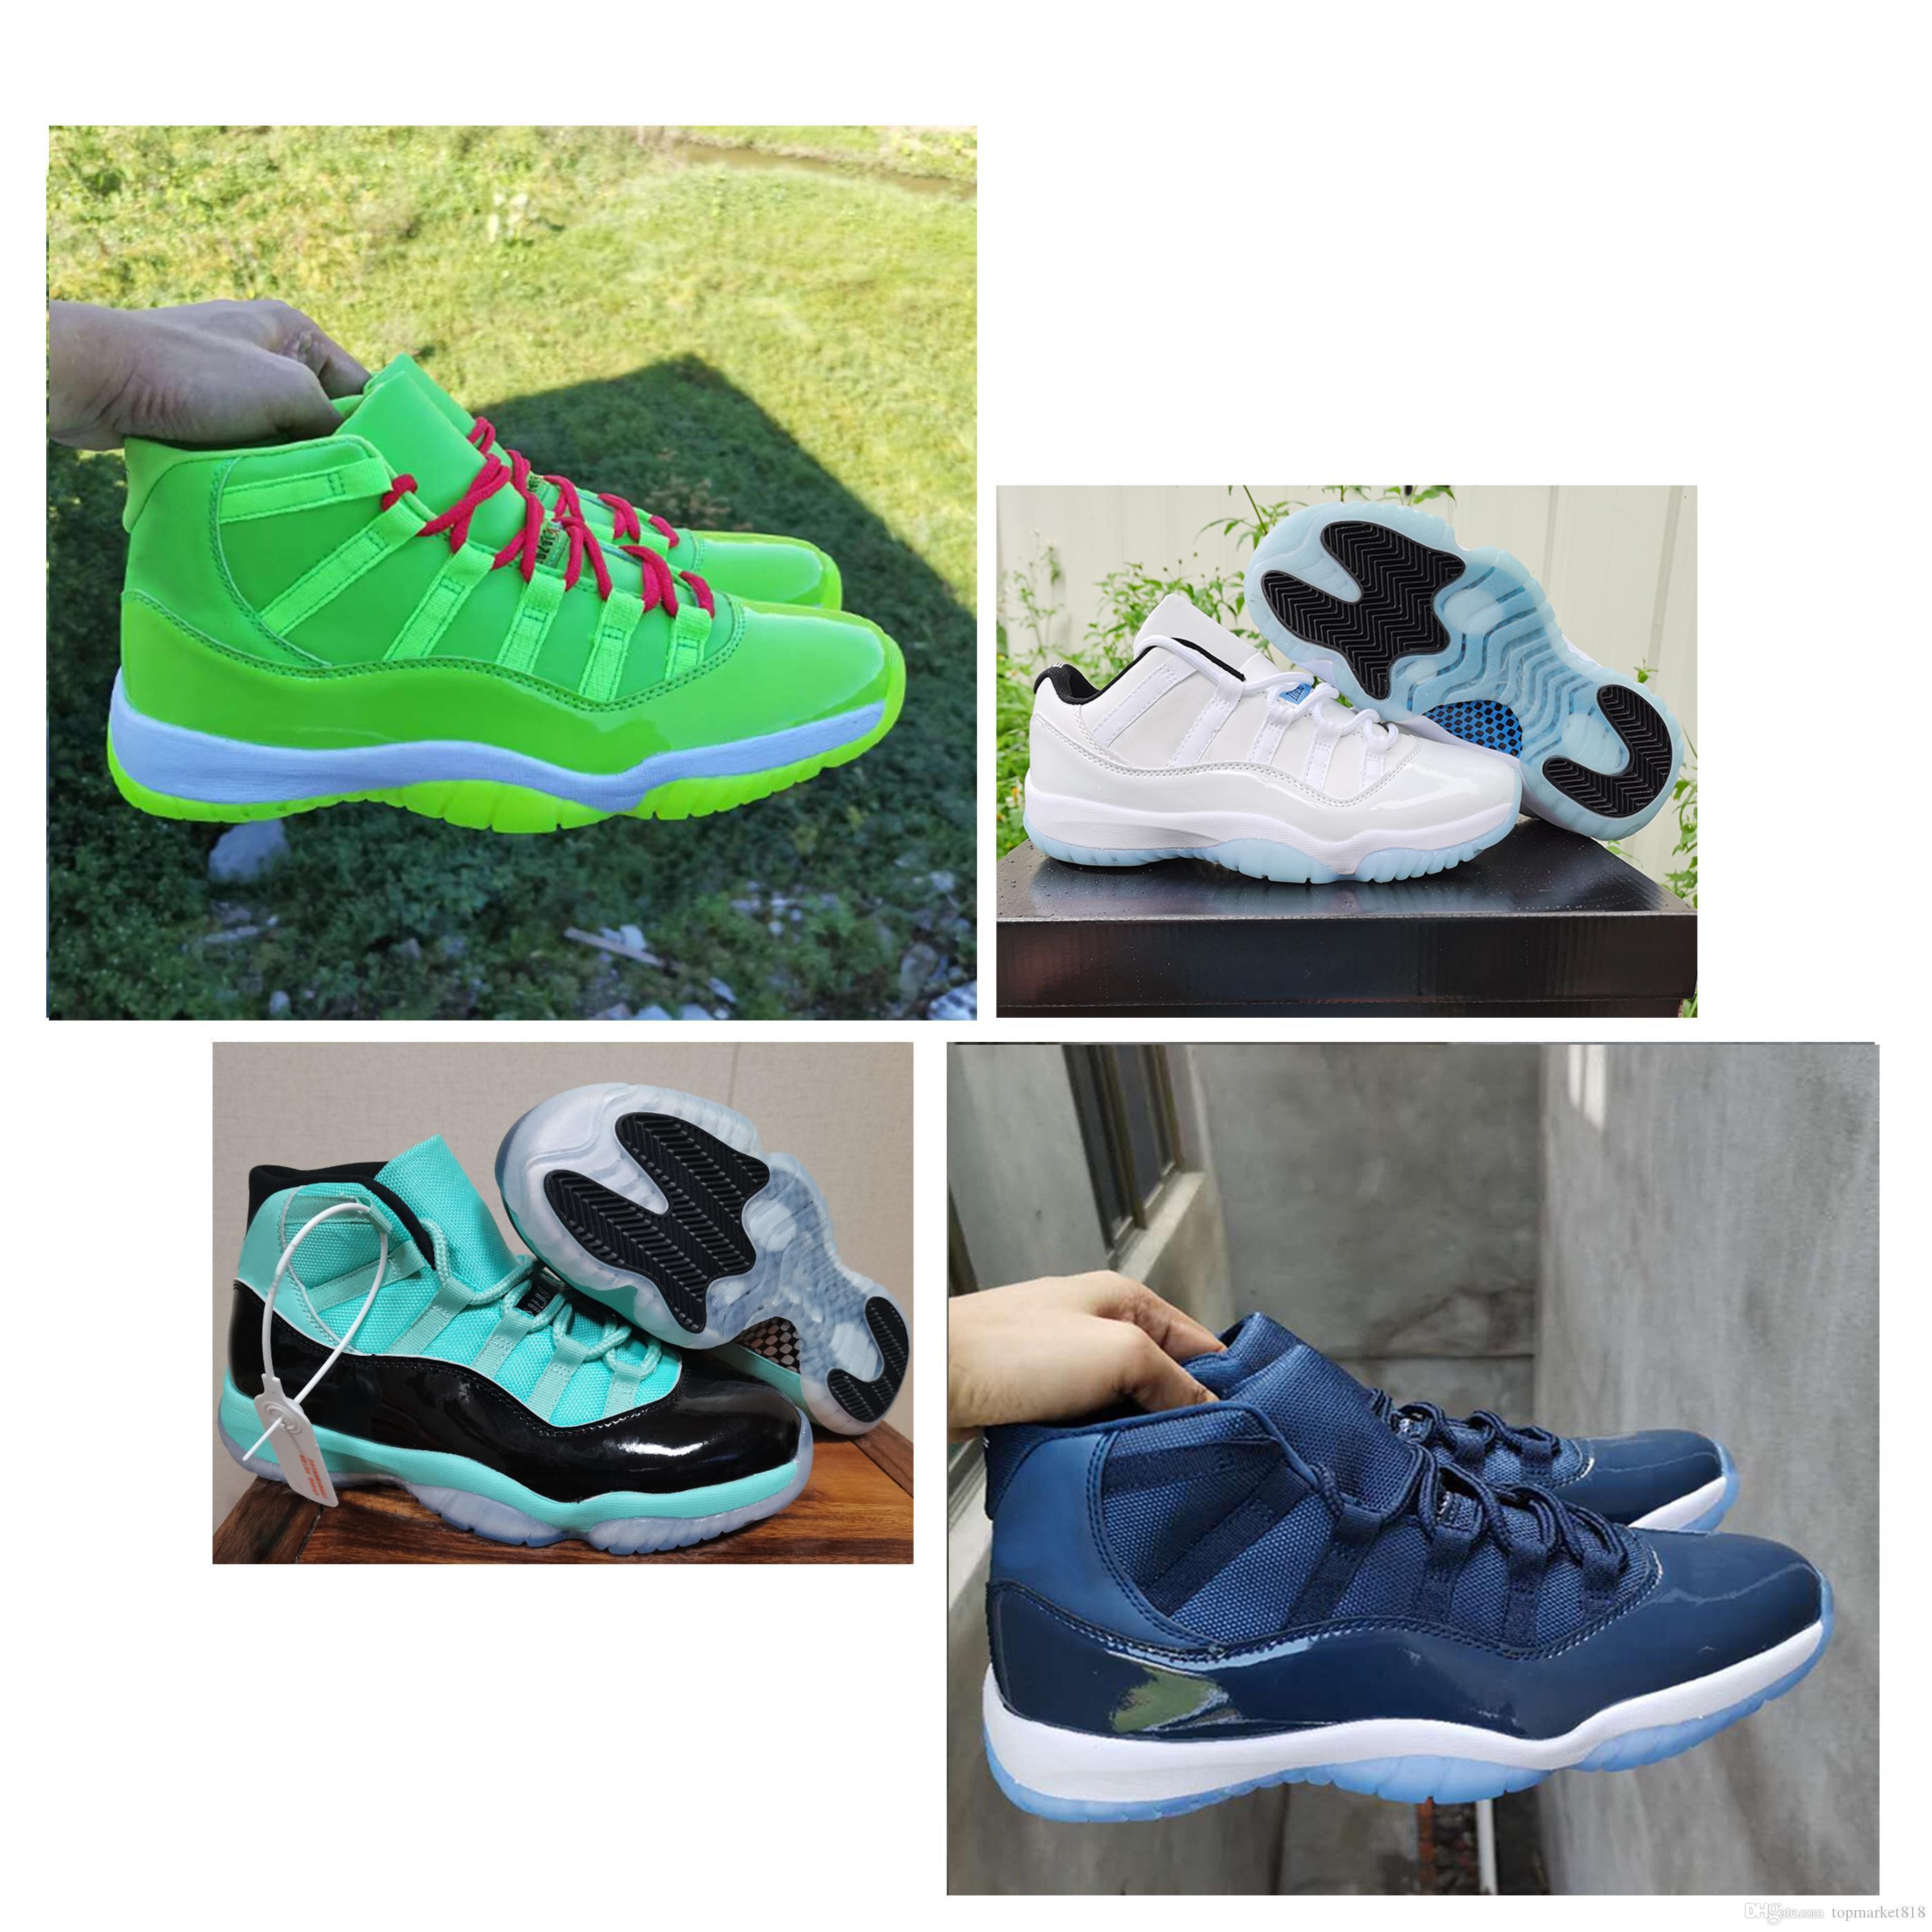 Bred 11 XI Serin Gri Basketbol Ayakkabı 24 Yüksek Concord 45 Space Jam Bred 11'leri Erkekler Sneakers Sport kutusu Ayakkabı Düşük Legend Mavi Koşu